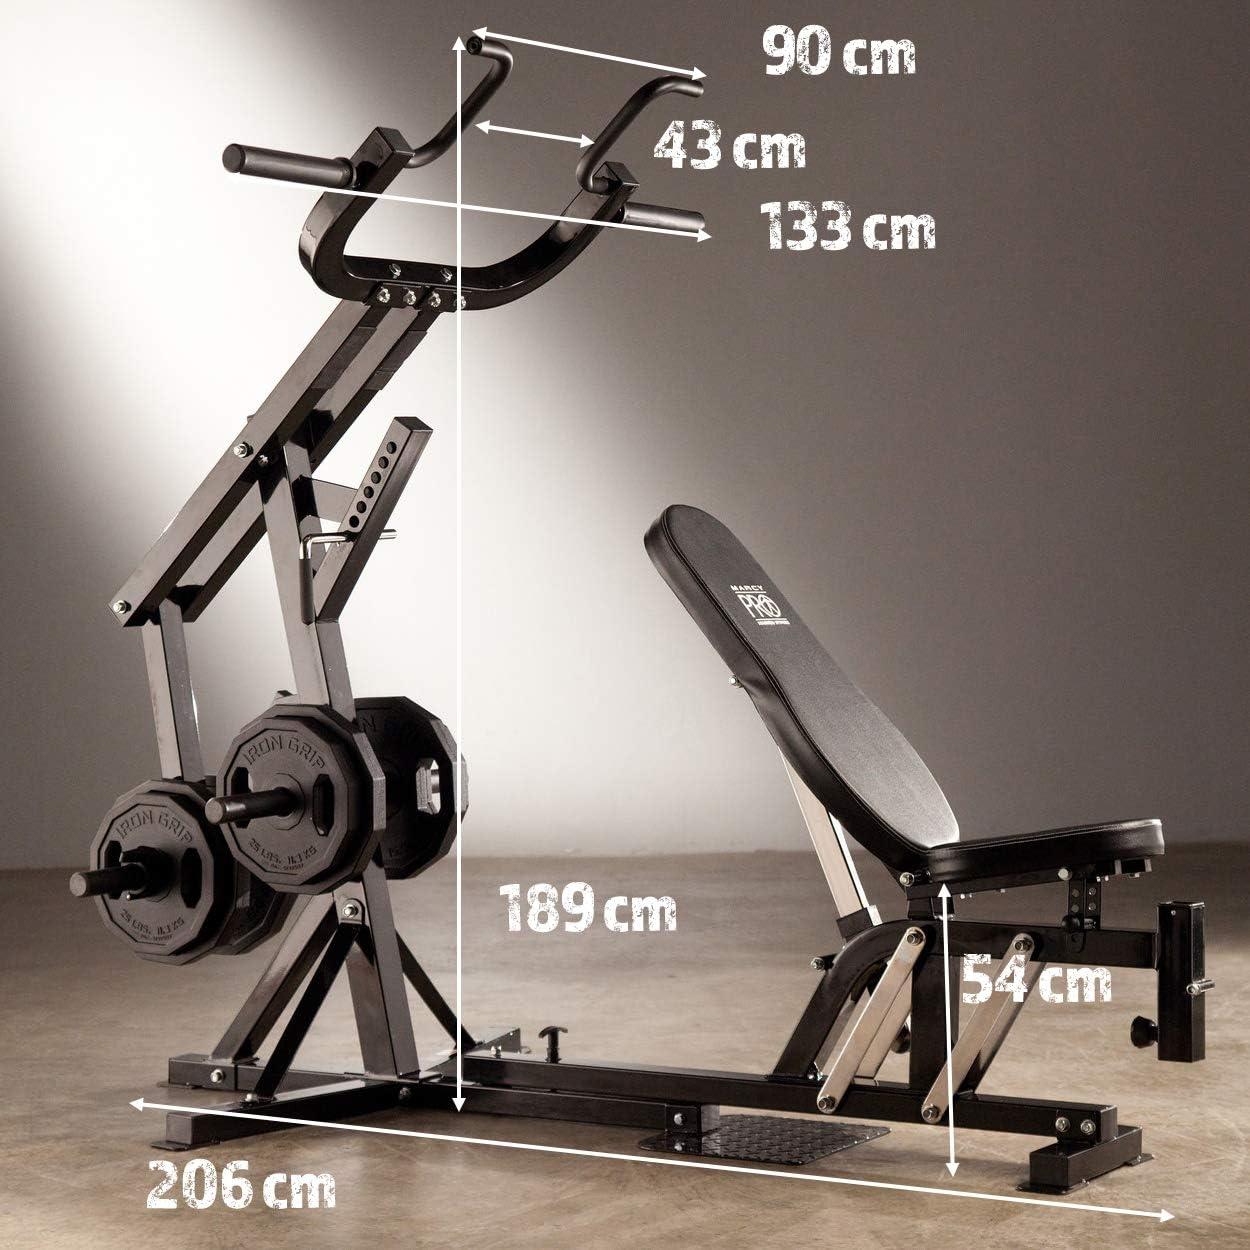 Marcy Pm4400 Pro Banc De Musculation A Domicile Noir Amazon Fr Sports Et Loisirs